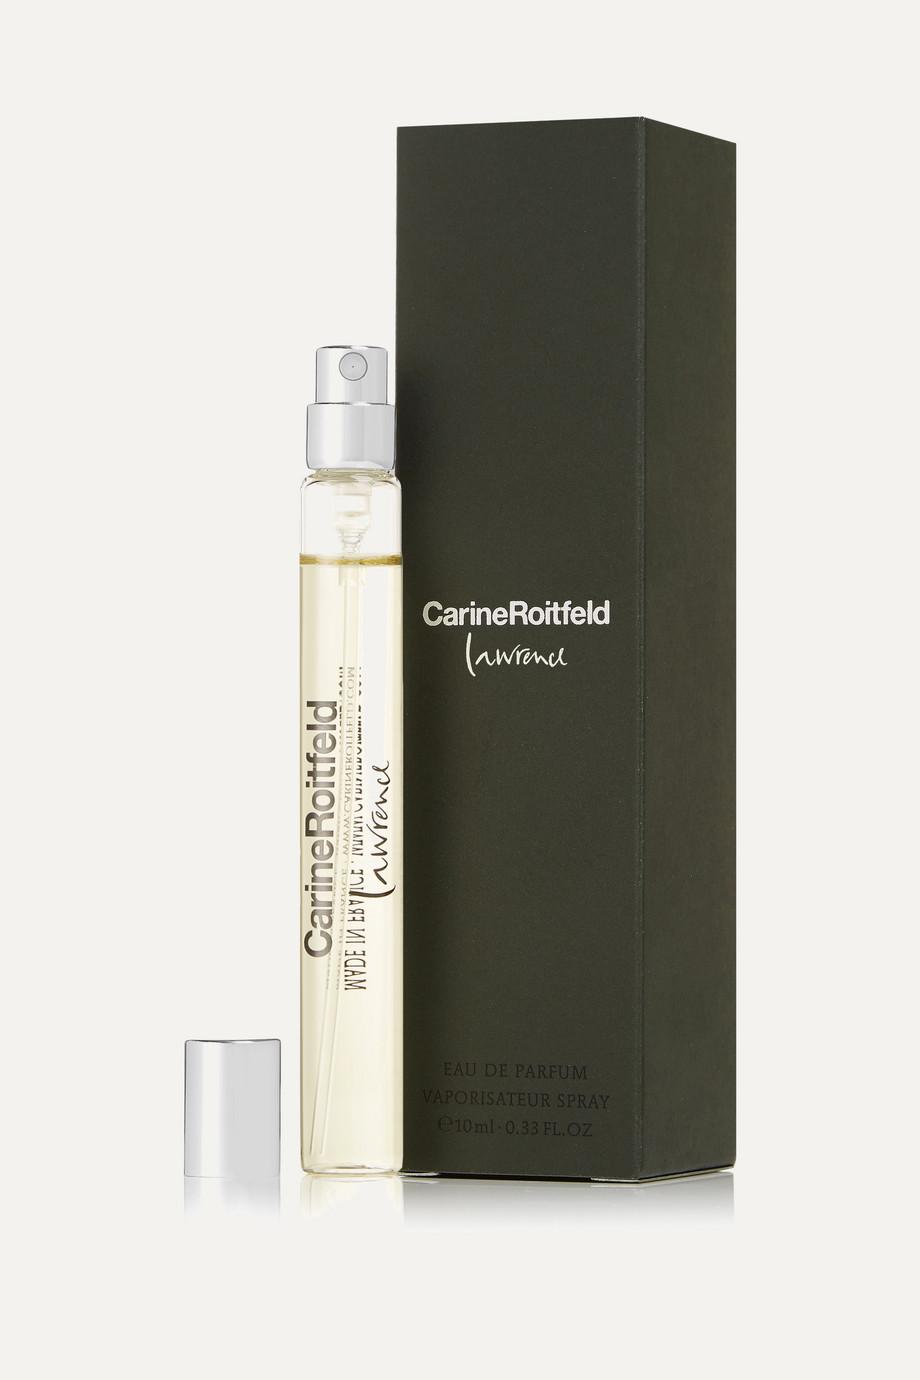 Carine Roitfeld Parfums Eau de Parfum - Lawrence, 10ml